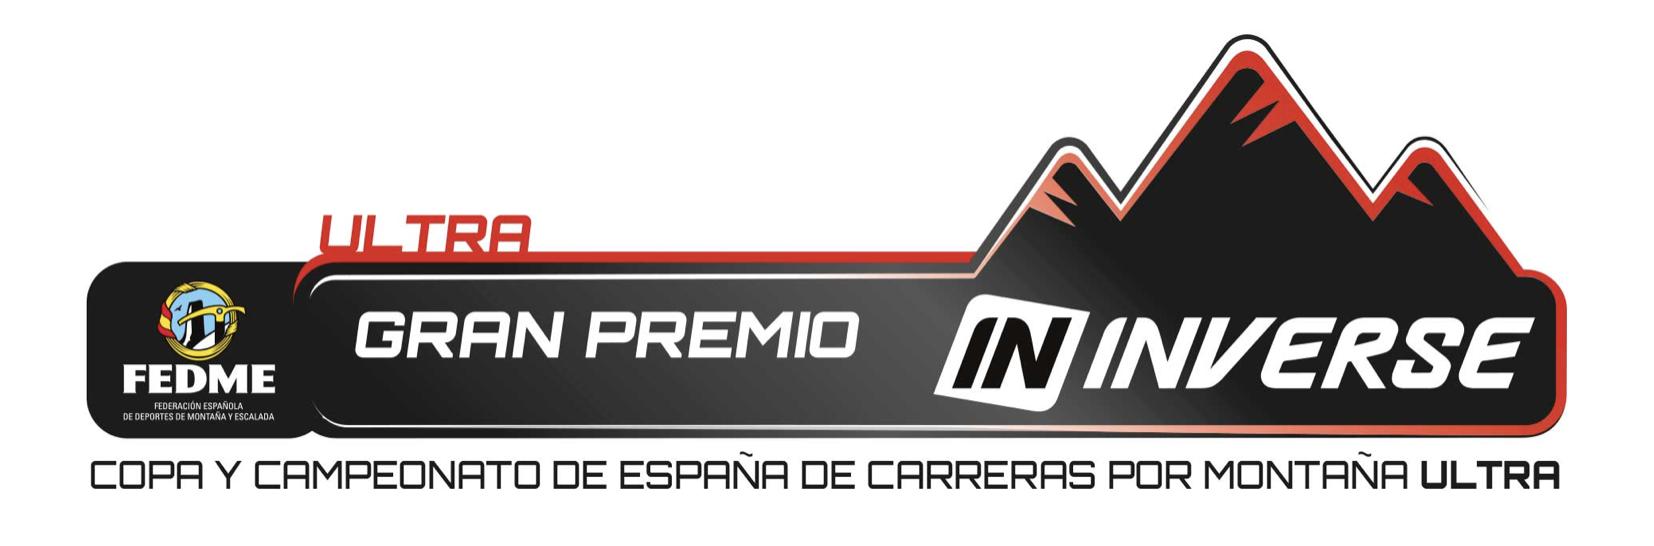 La Tenerife Bluetrail abrirá la Copa de España de Carreras Ultra FEDME GP Inverse